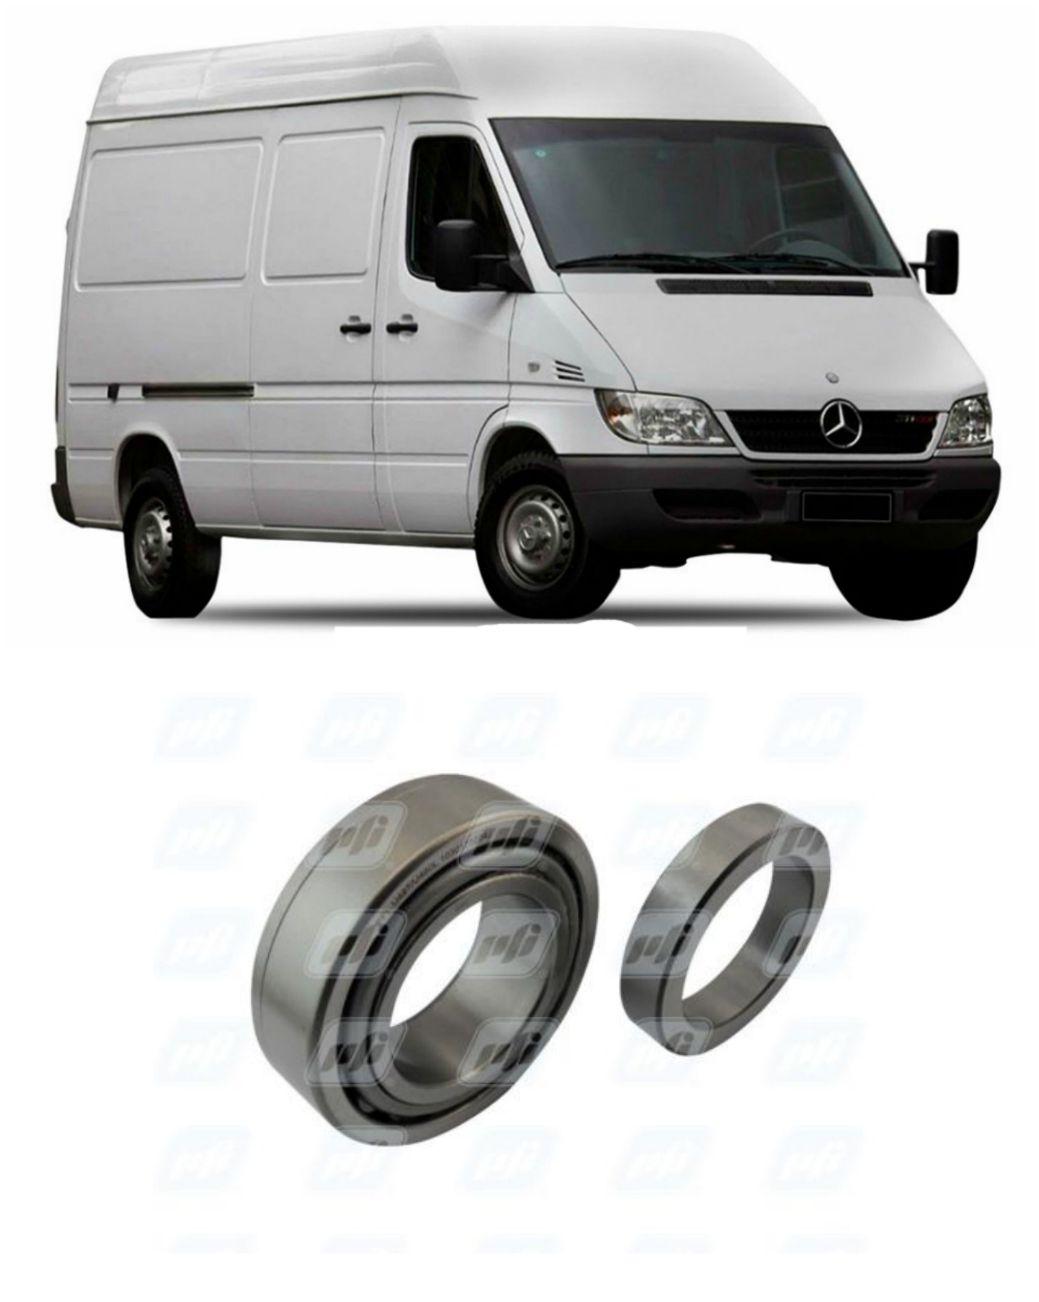 Rolamento Roda Traseira Mercedes Benz Sprinter de 1997 até 2013, HLO 15C22